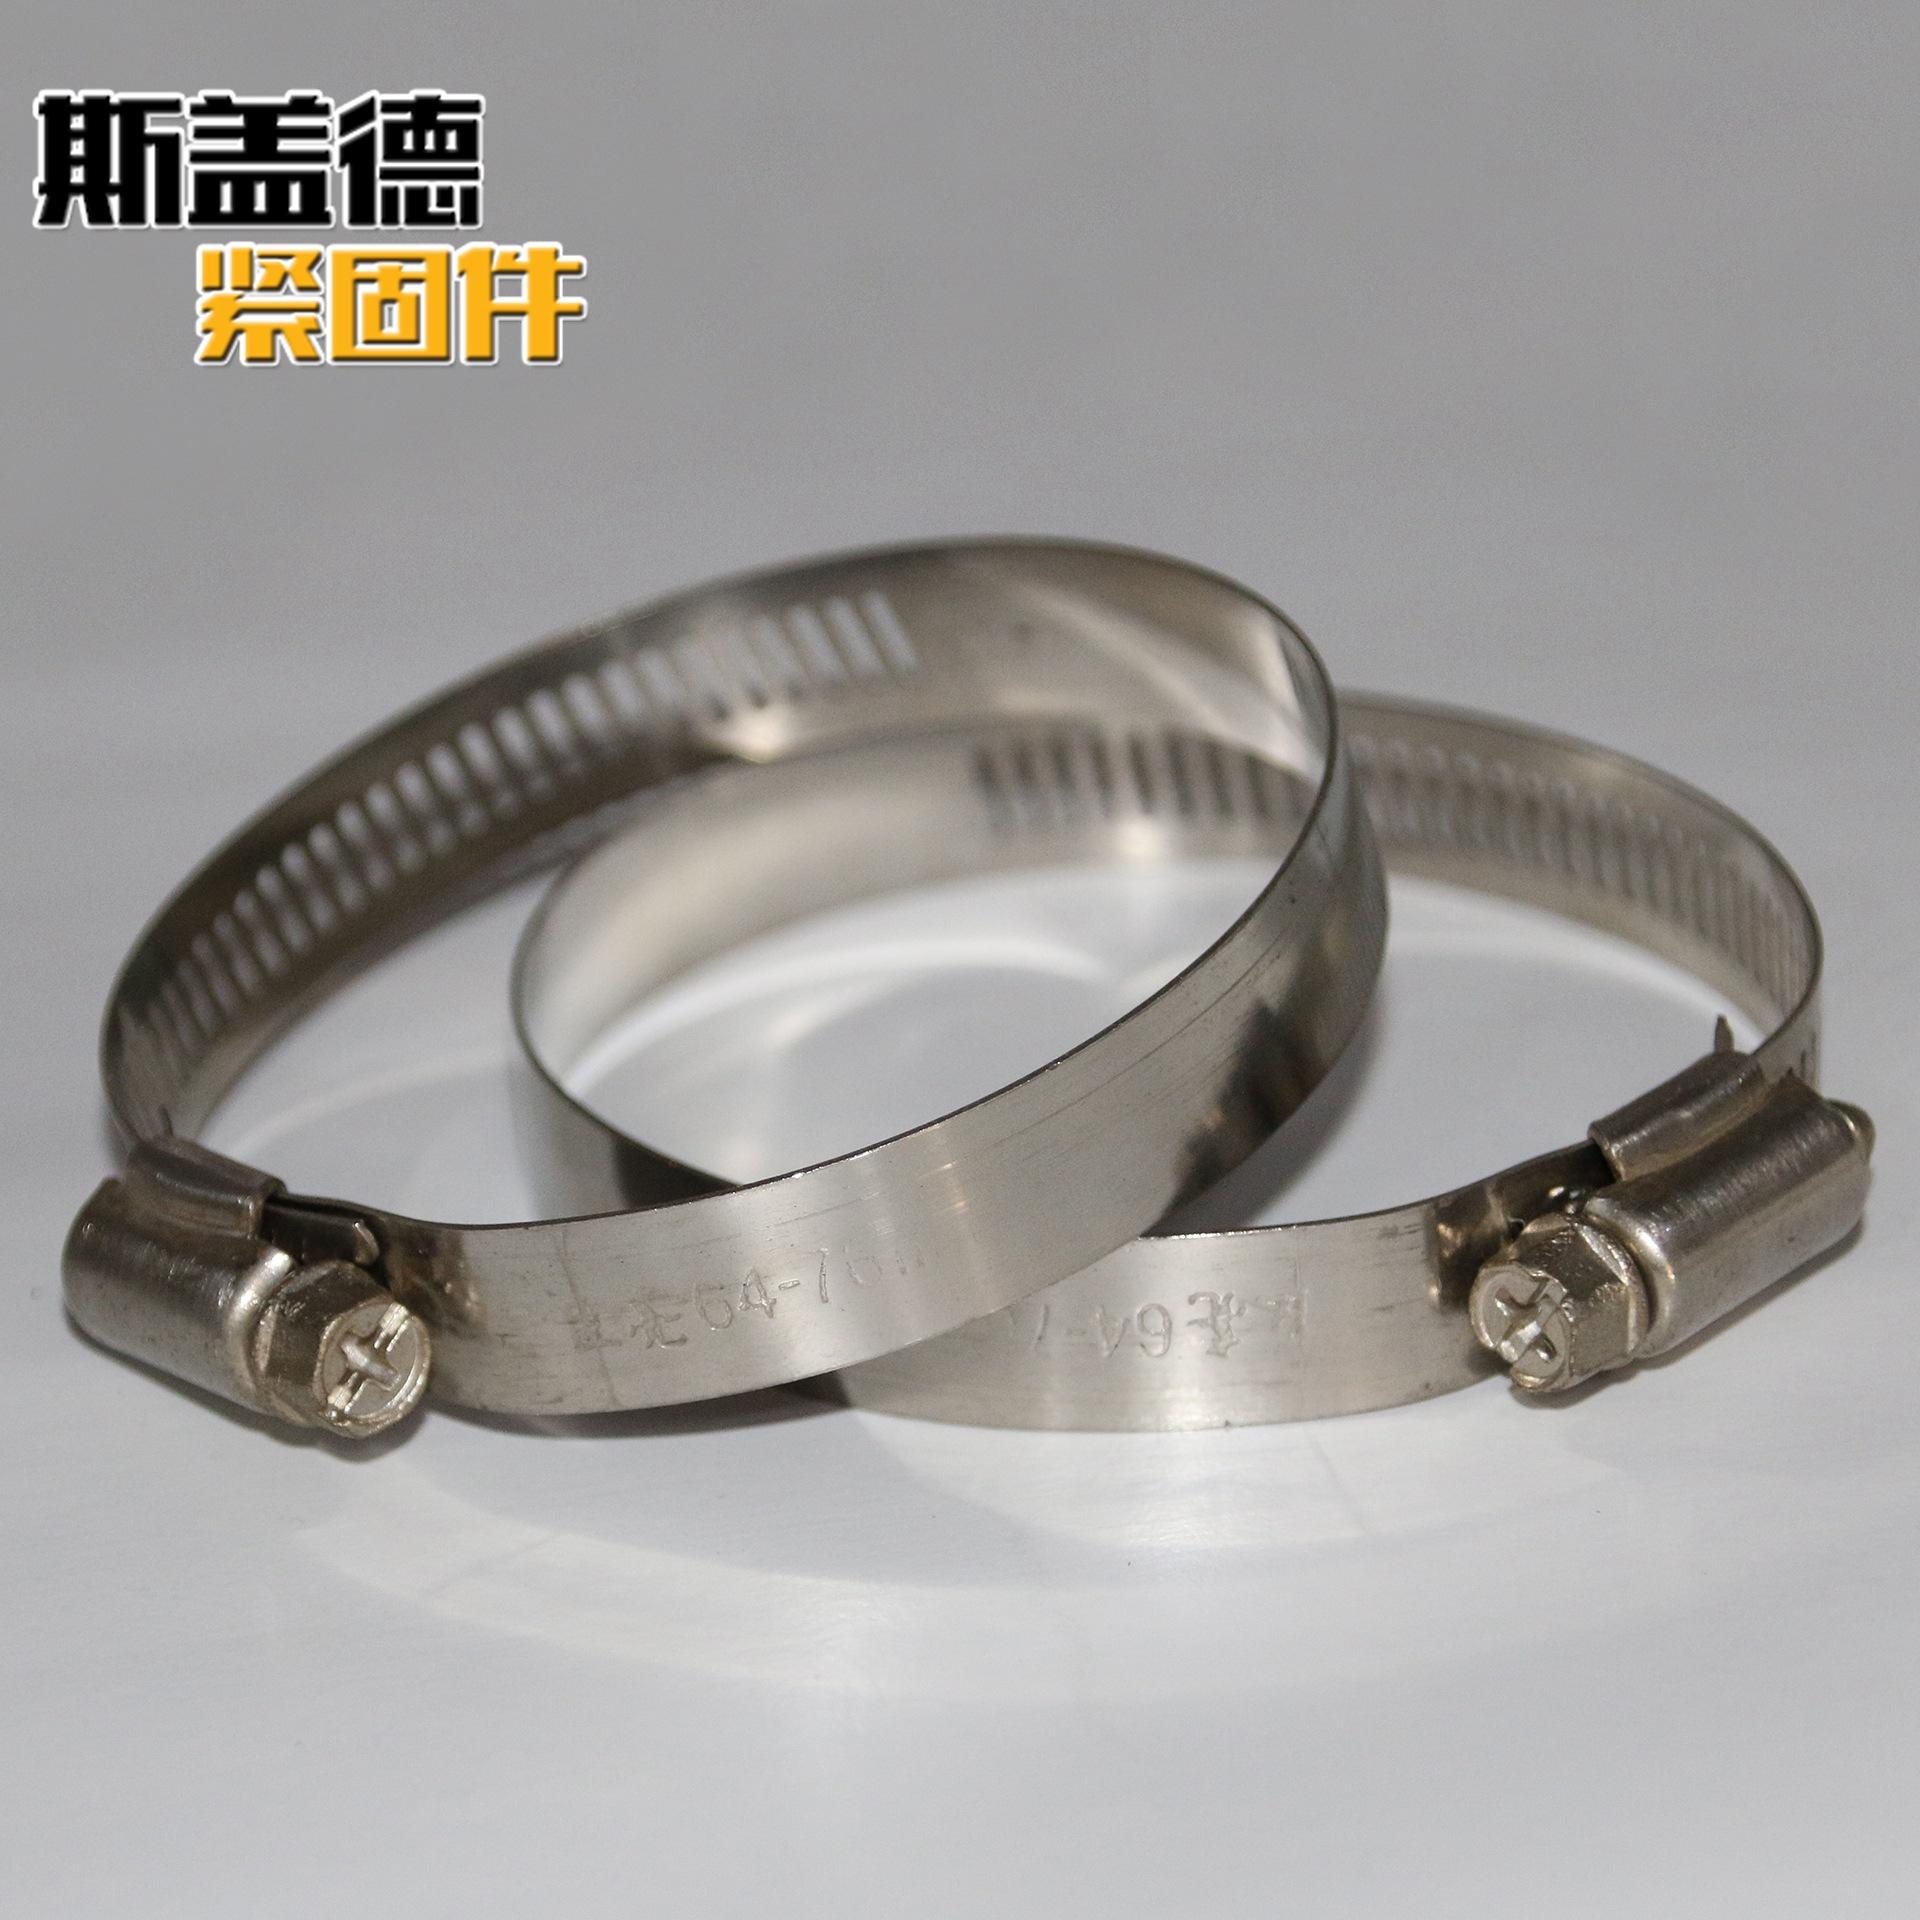 SIGAIDE Ống kẹp Các nhà sản xuất bán buôn thép không gỉ 304 Mỹ kẹp ống kẹp Thẻ kẹp ống kẹp ống kẹp D